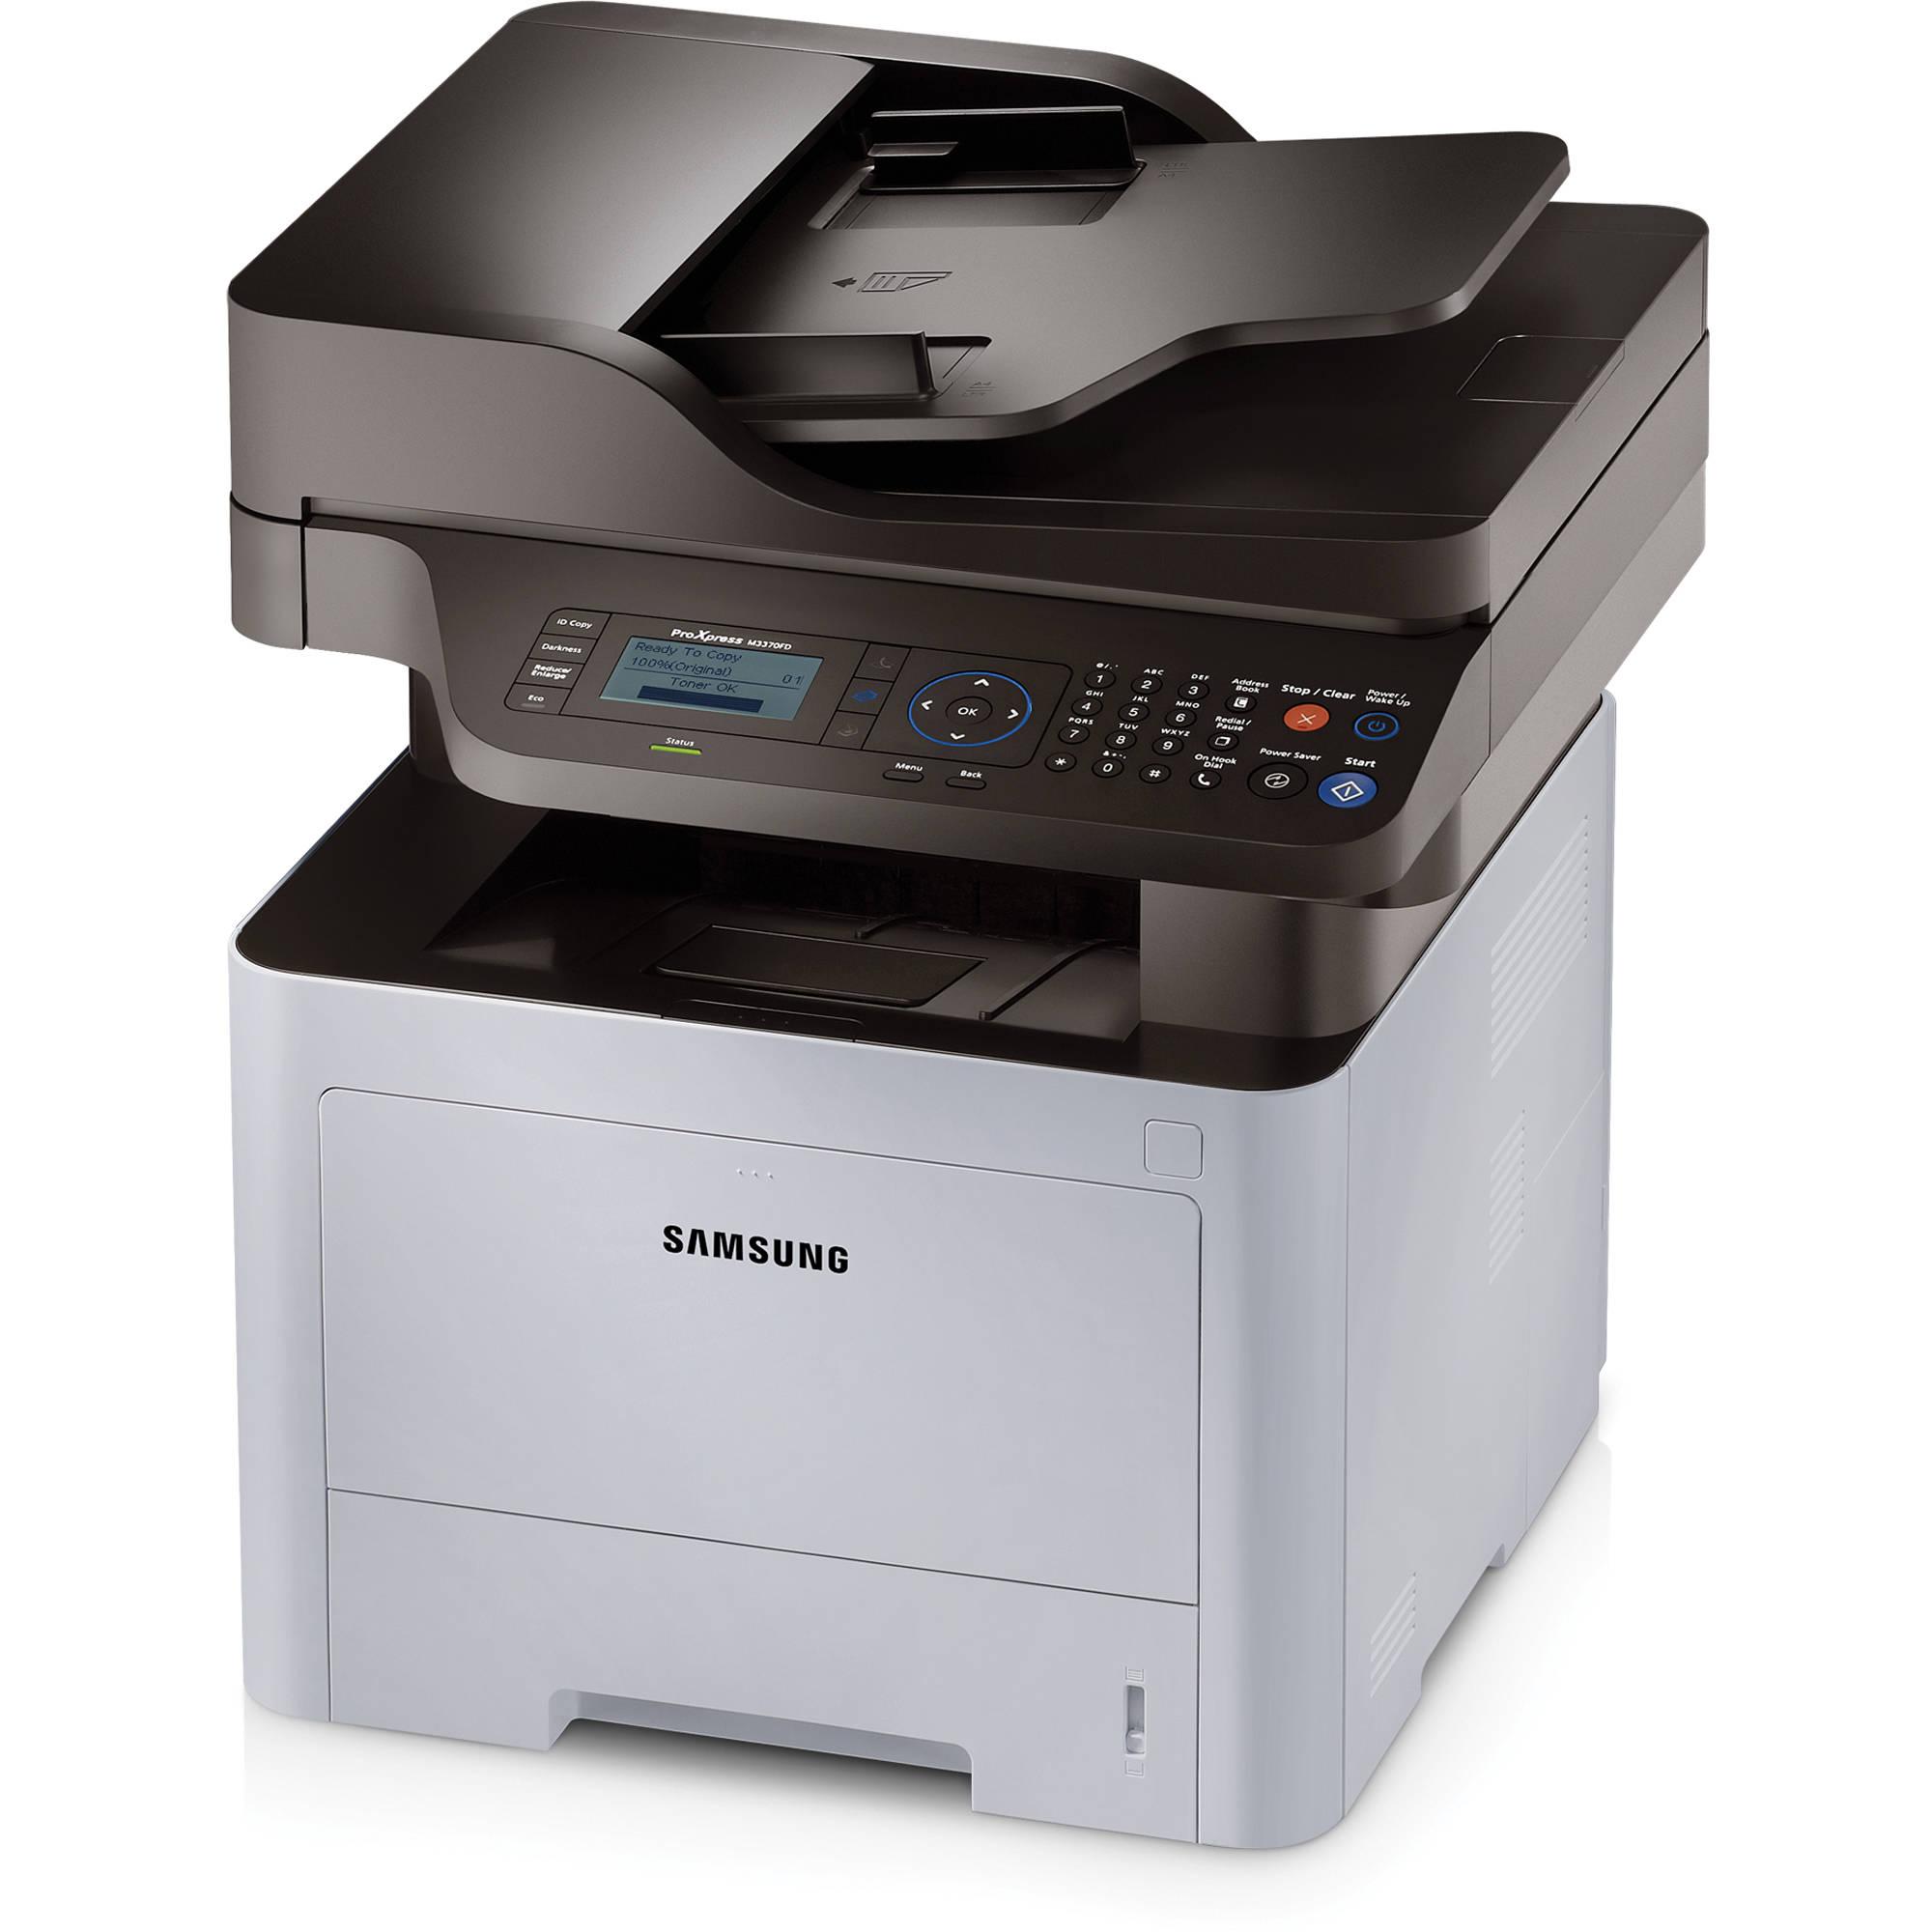 Samsung SL-M3370FD,A4,33ppm,1200x1200dpi,256Mb,PCL+PS,USB,ethernet,duplex,ADF,fax